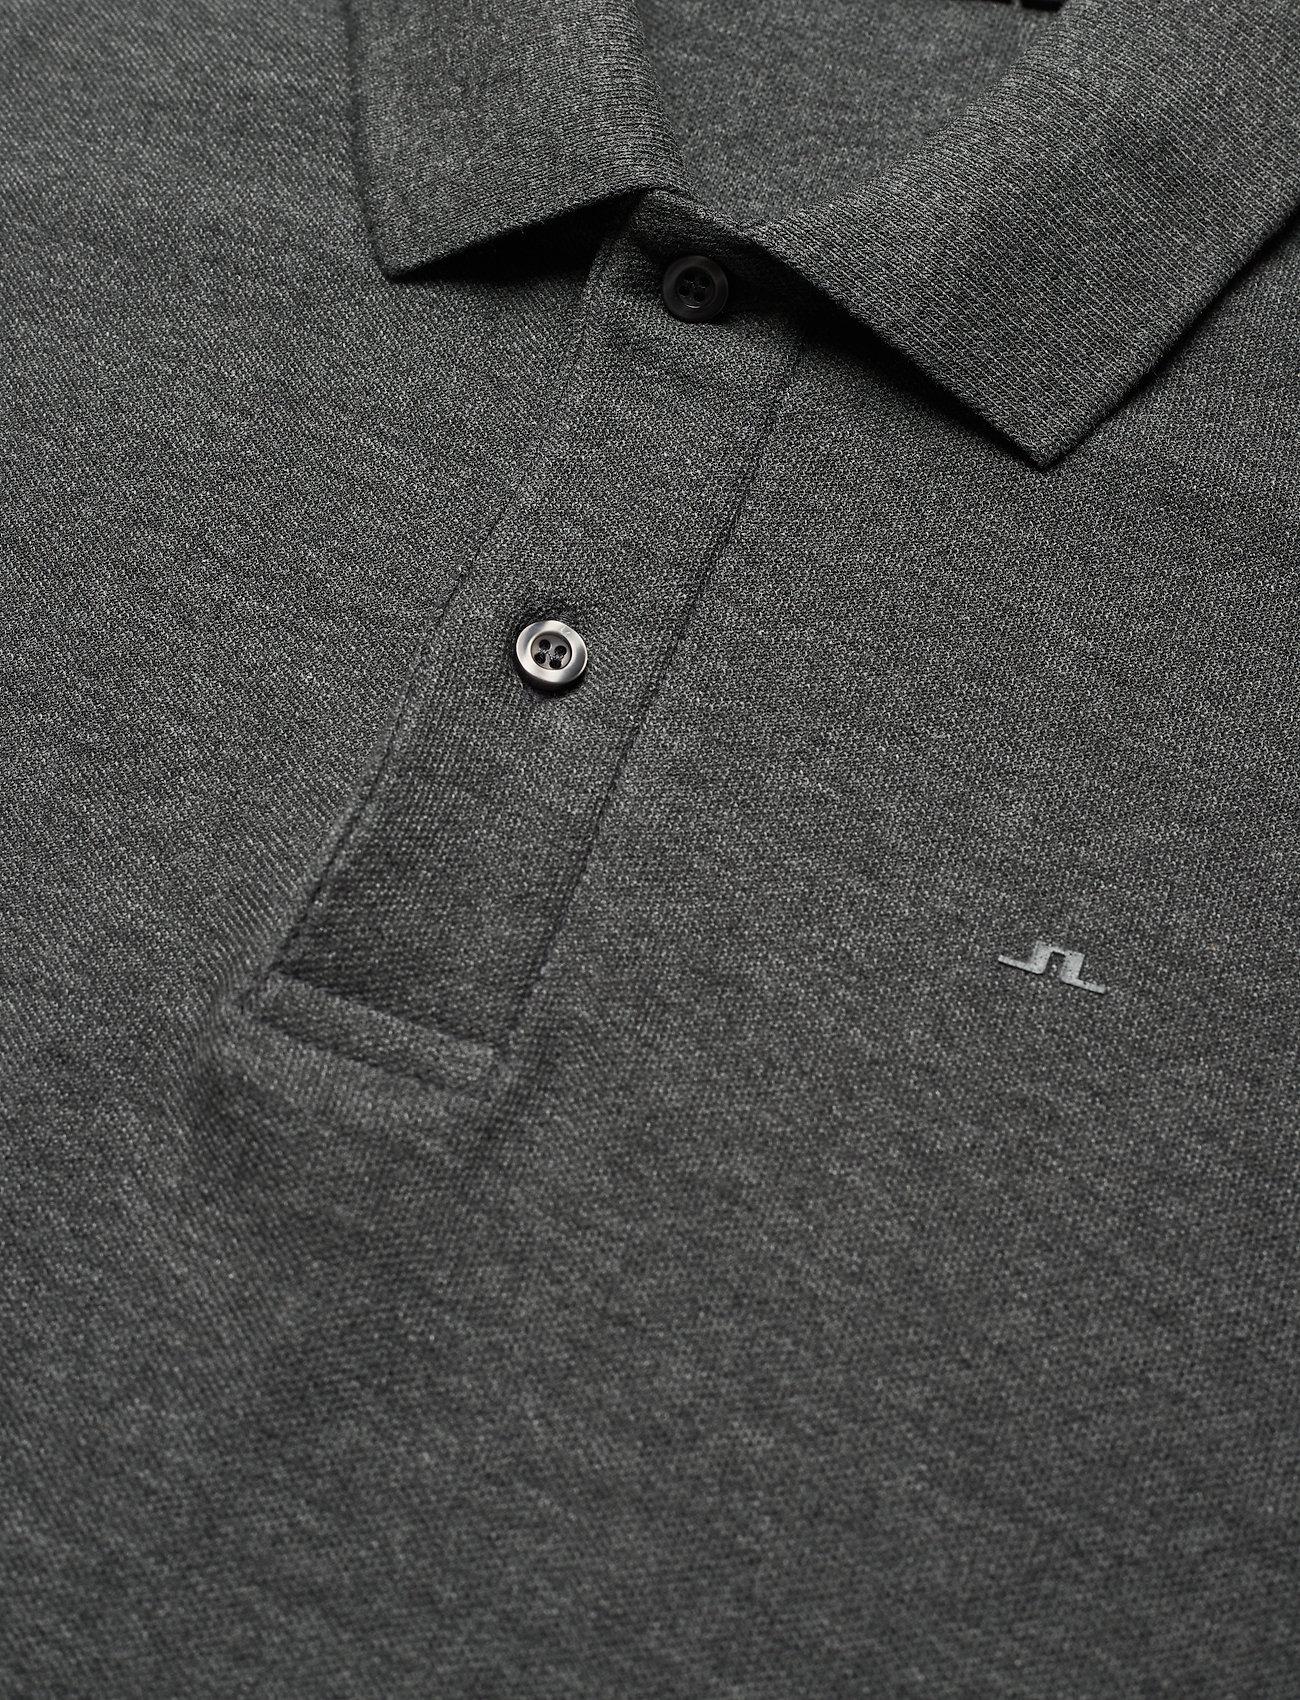 J. Lindeberg Troy Polo Shirt  Clean Pique - Poloskjorter DARK GREY MELANGE - Menn Klær